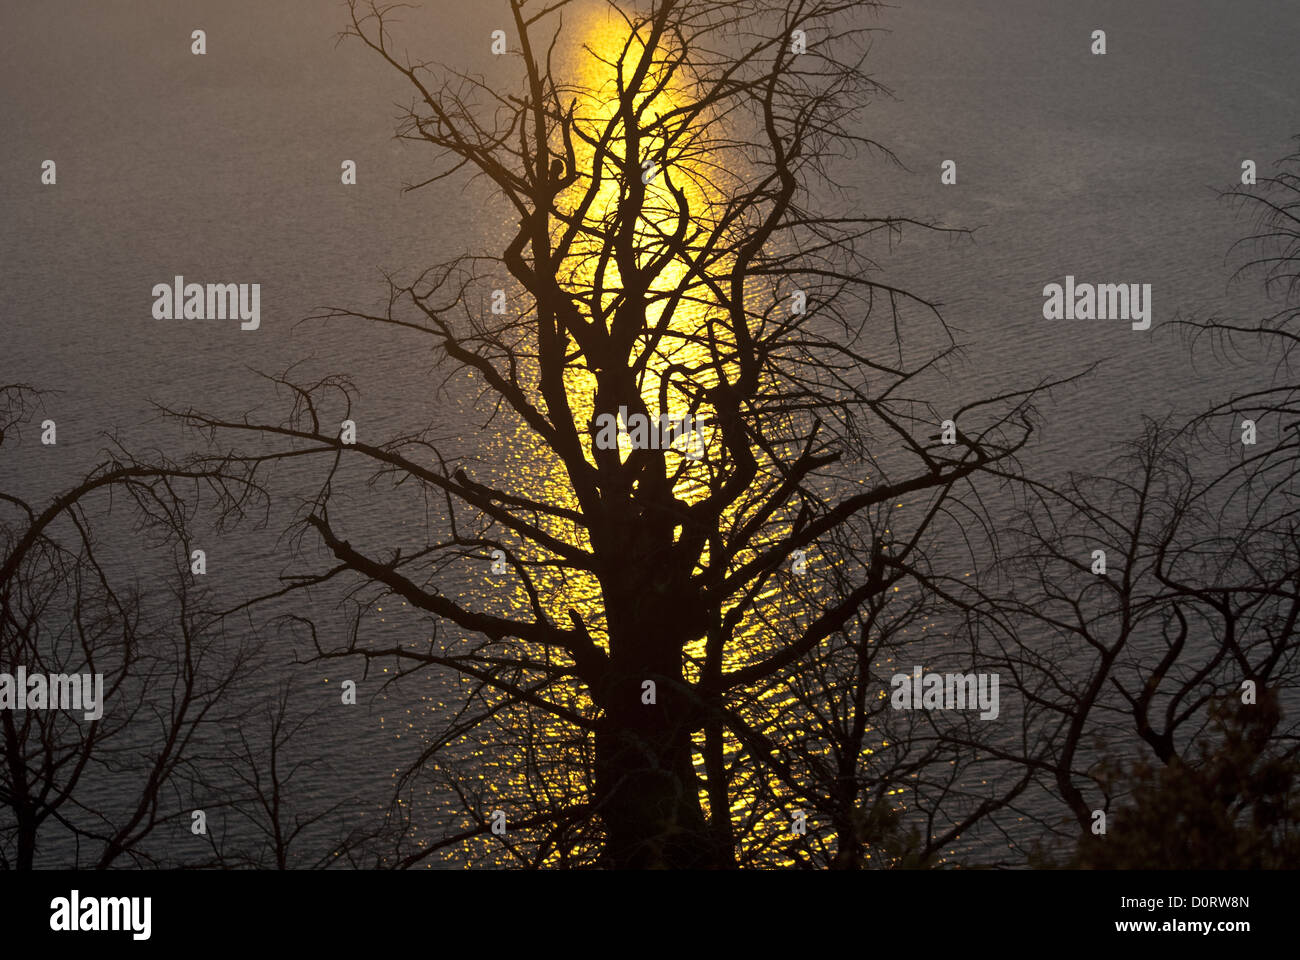 Firey arbre dans la lumière du soir Photo Stock